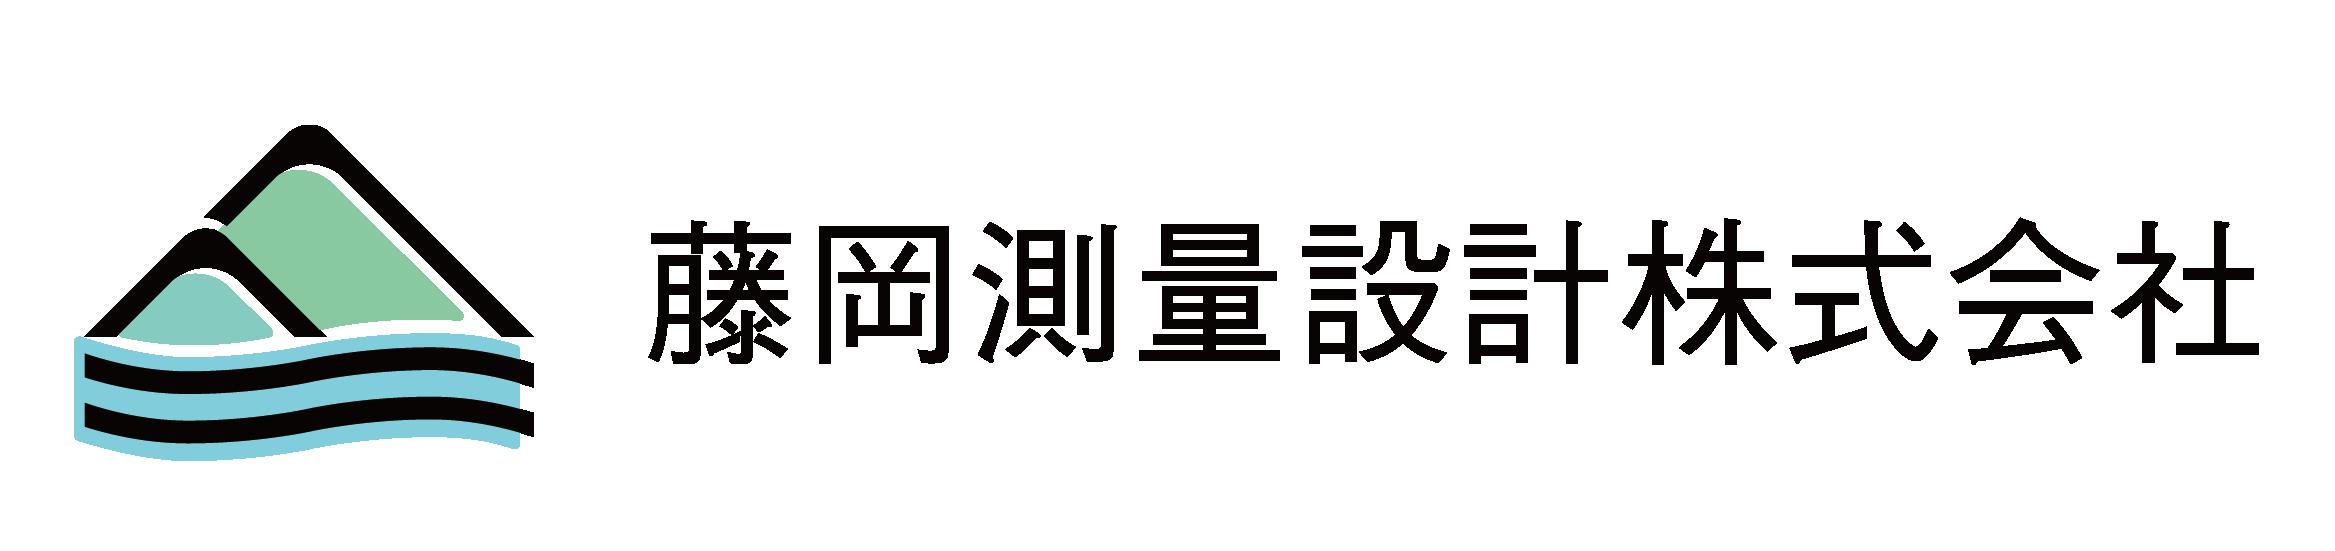 藤岡測量設計株式会社